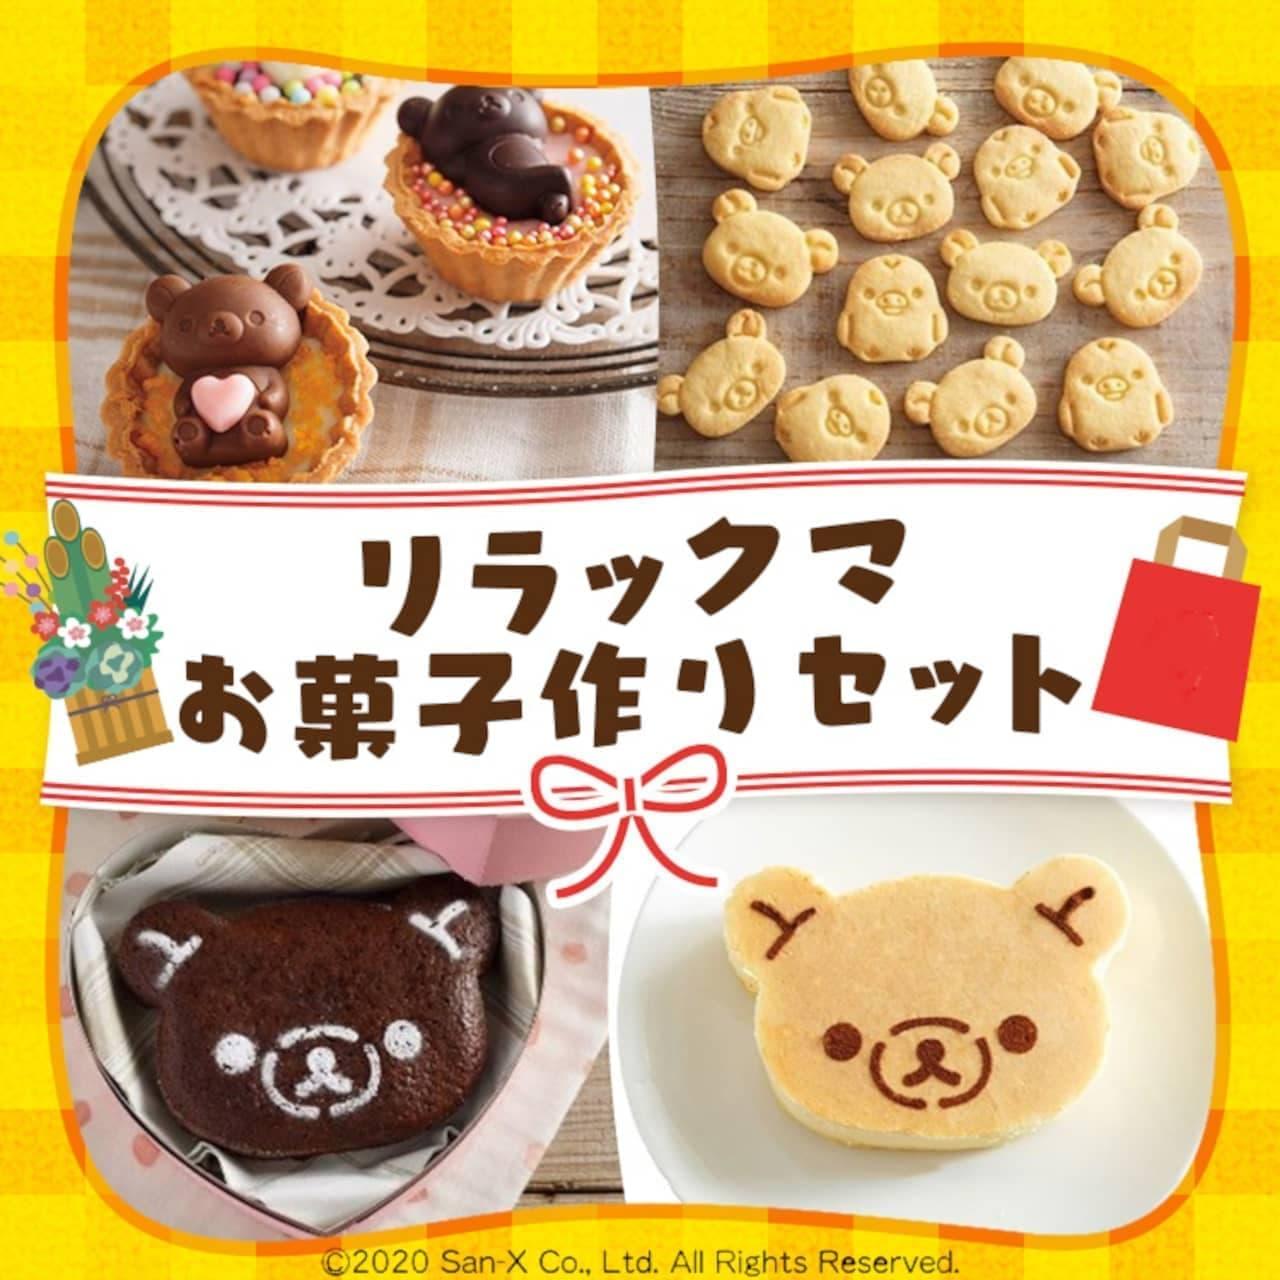 リラックマのお菓子作り年末限定セット